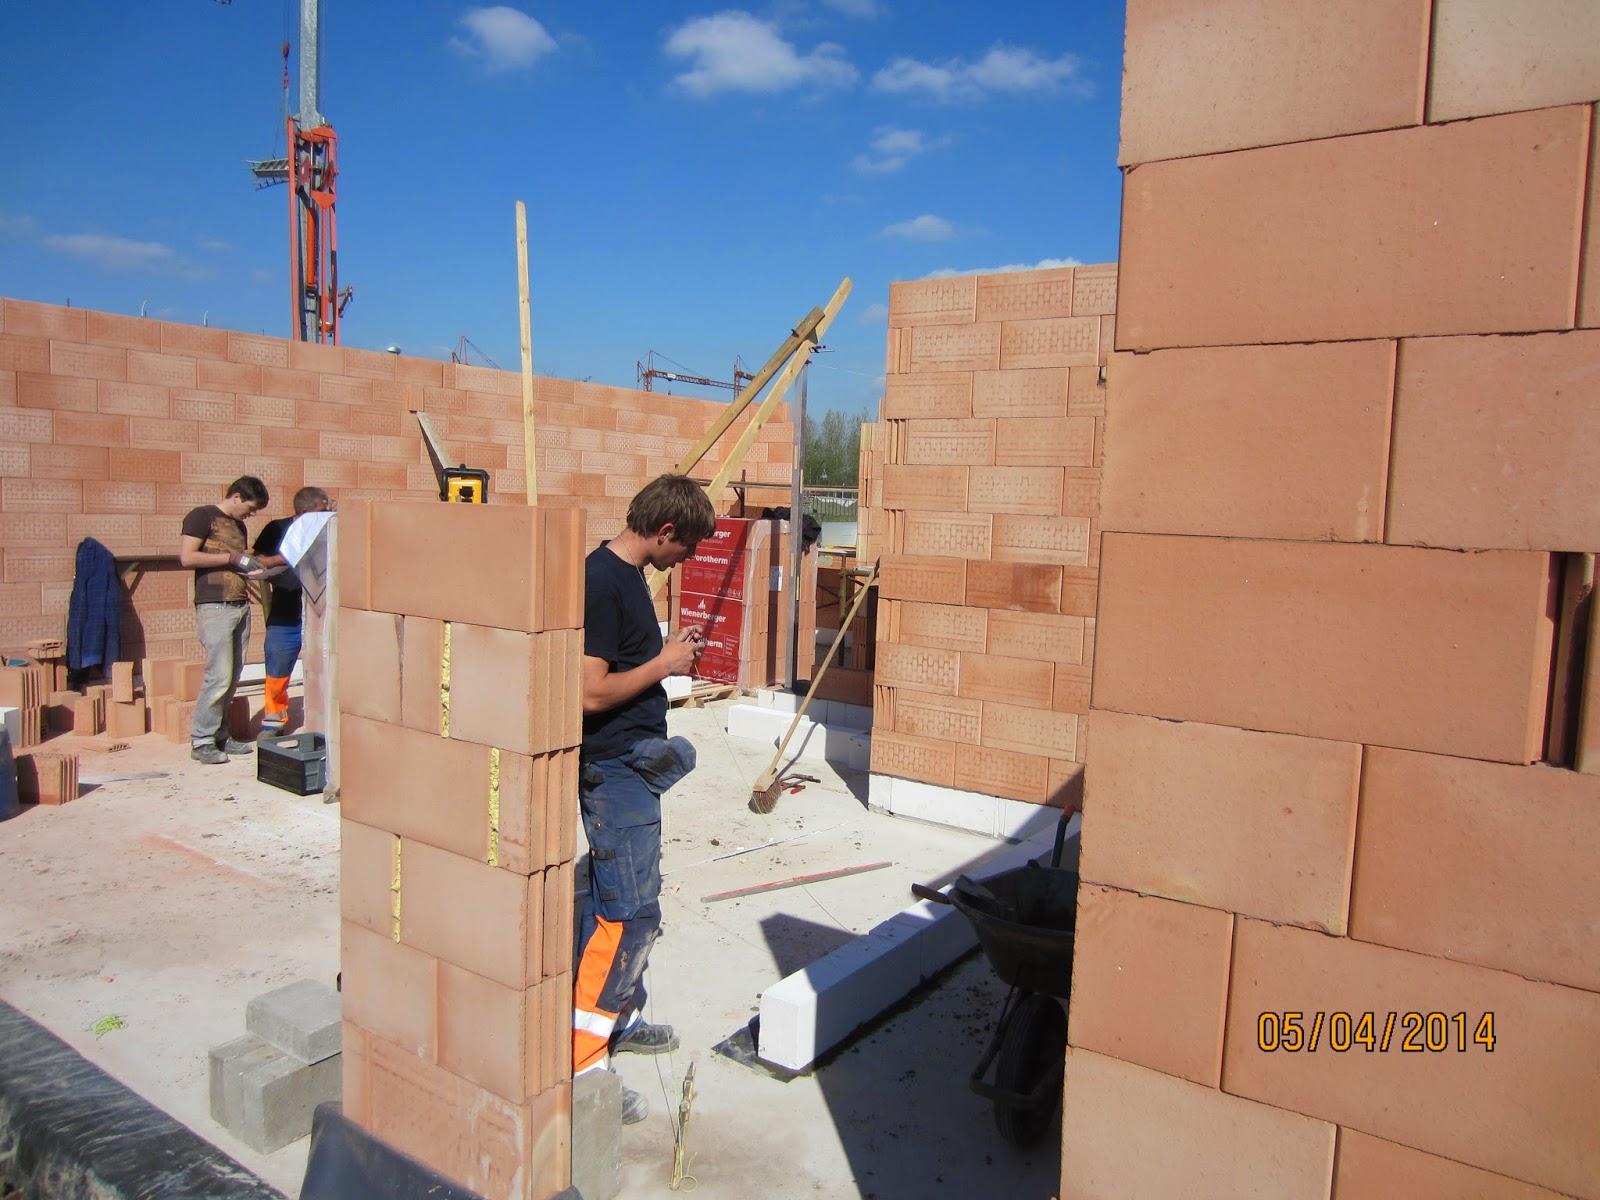 Bram jolina gaan bouwen lijmen gelijkvloers vervolg for Vijverfolie lijmen op beton